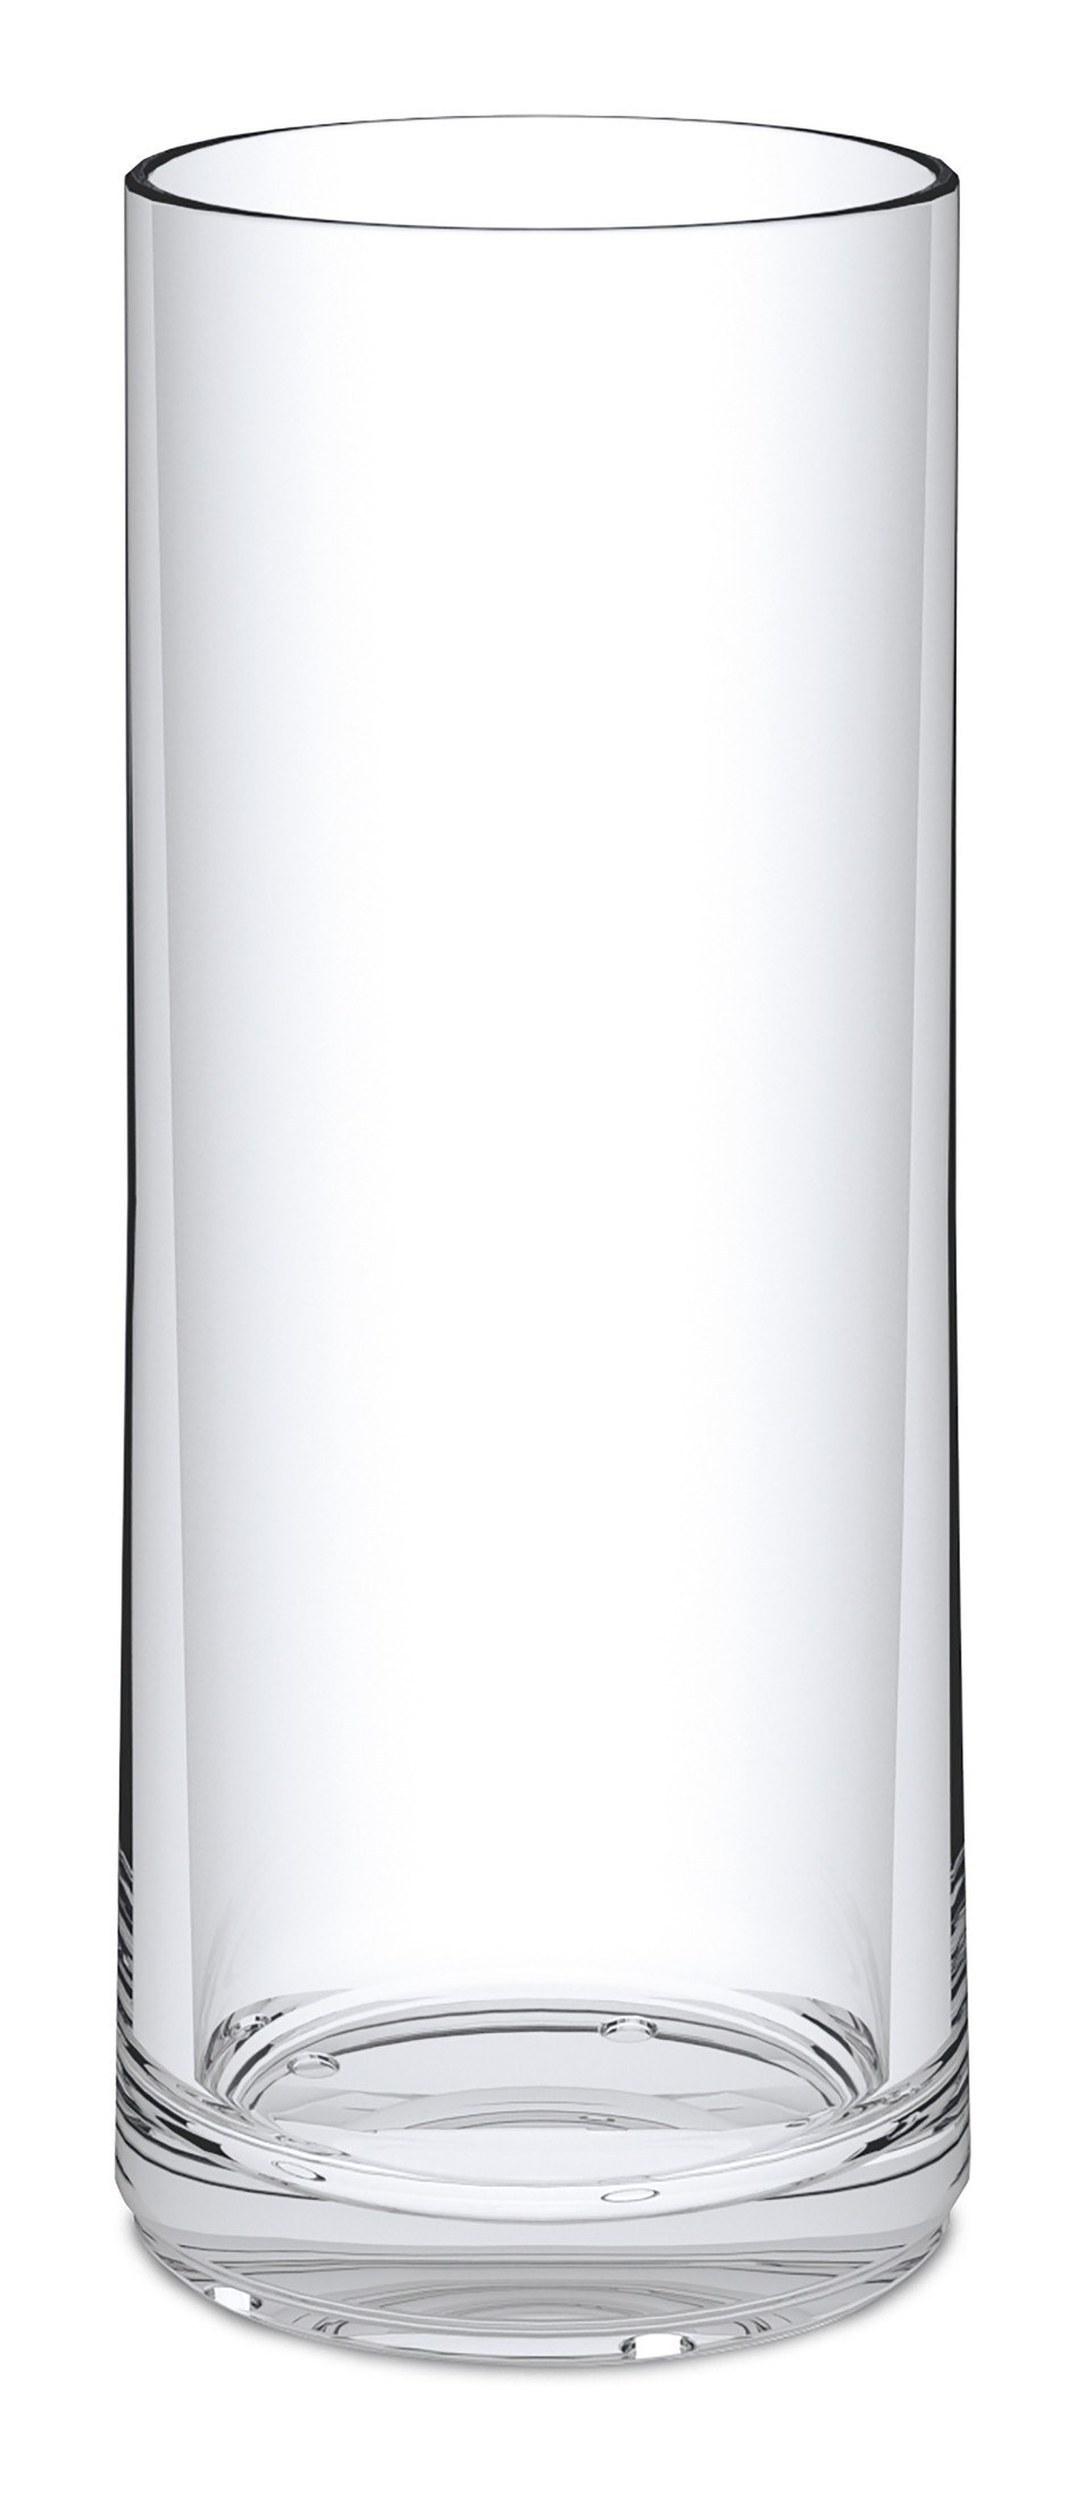 Szklanka do longdrinków Cheers przezroczysta